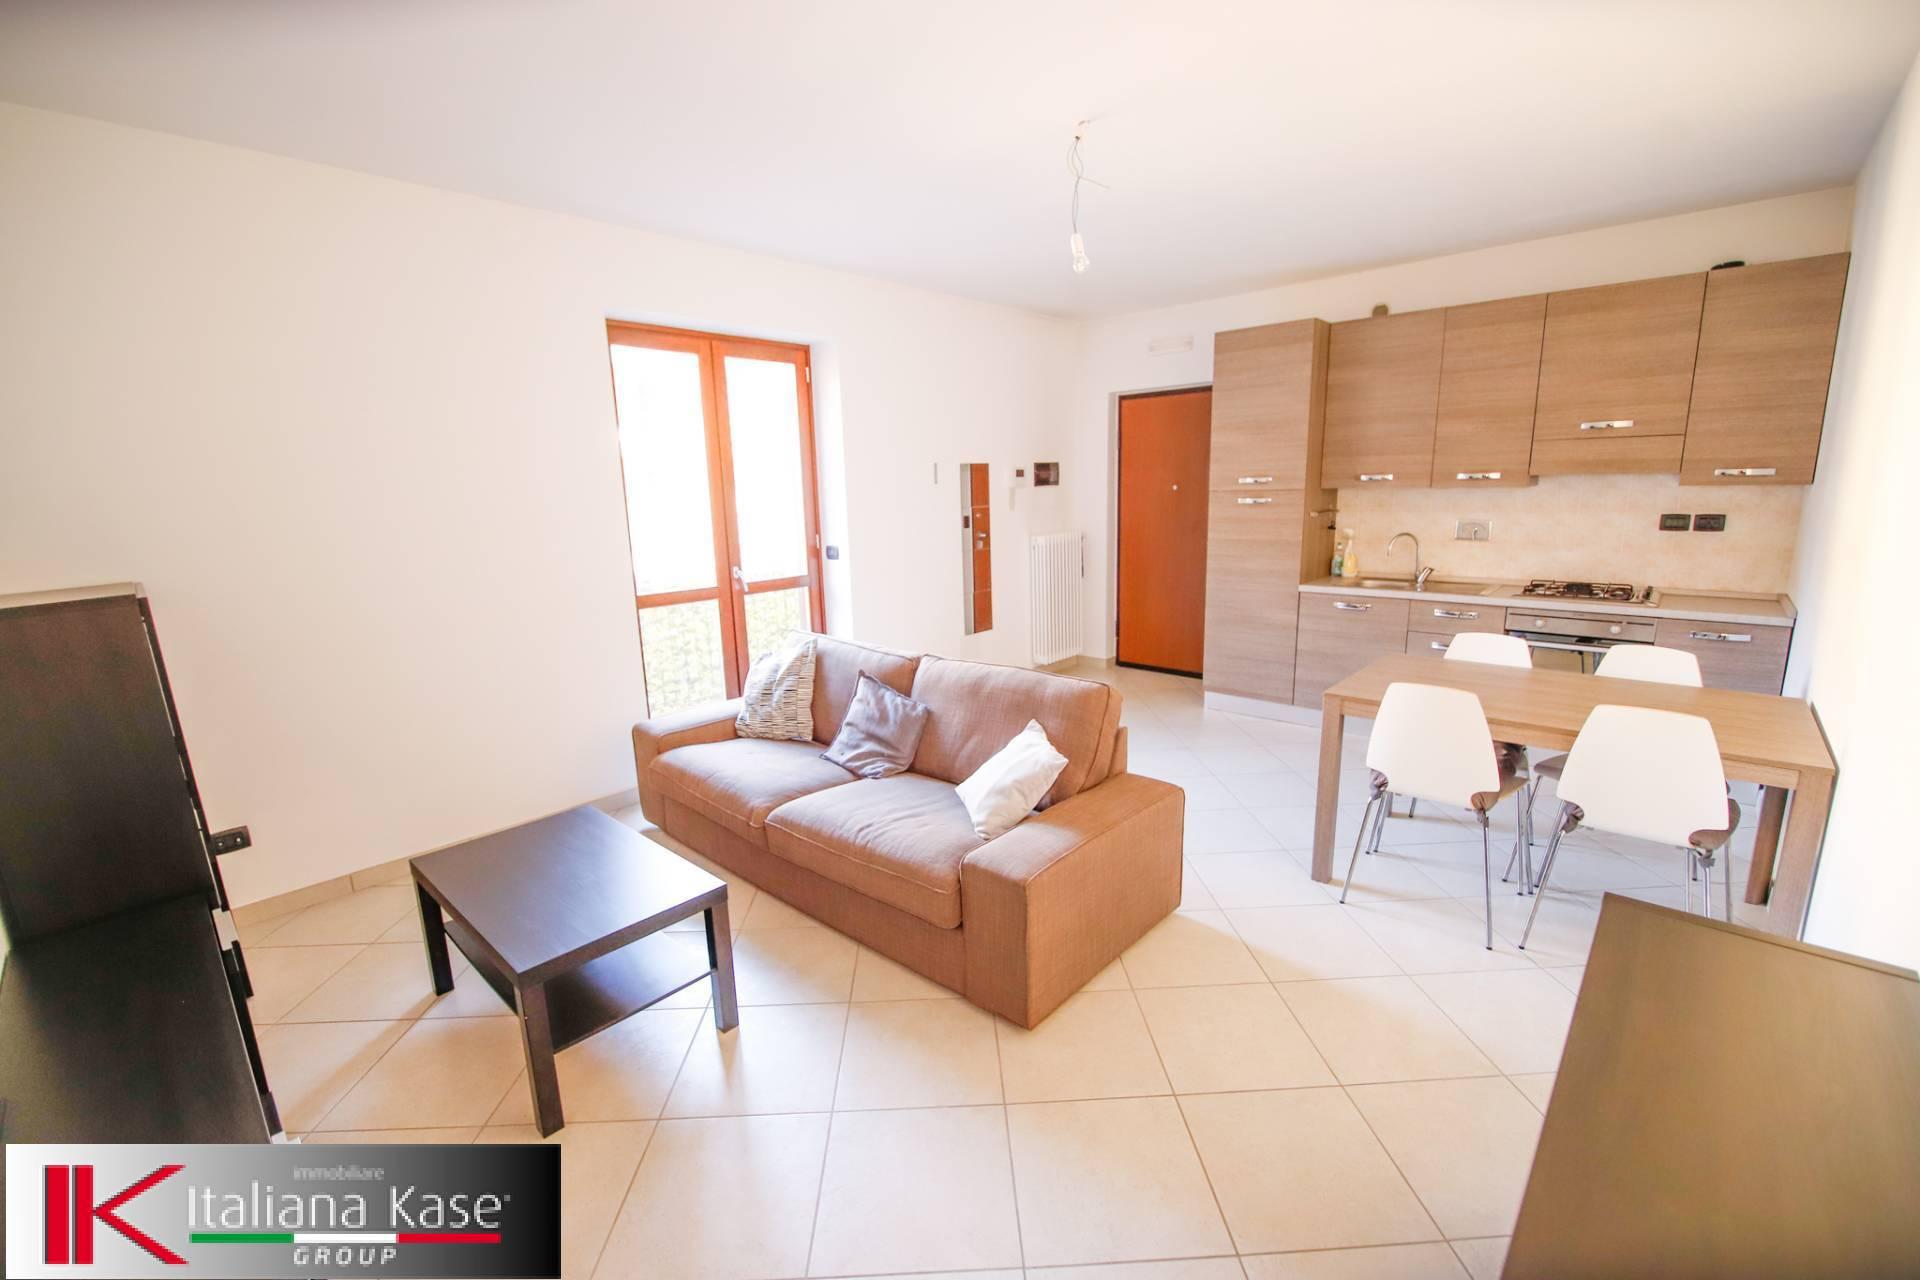 Appartamento in vendita a Gassino Torinese, 2 locali, prezzo € 99.000 | PortaleAgenzieImmobiliari.it